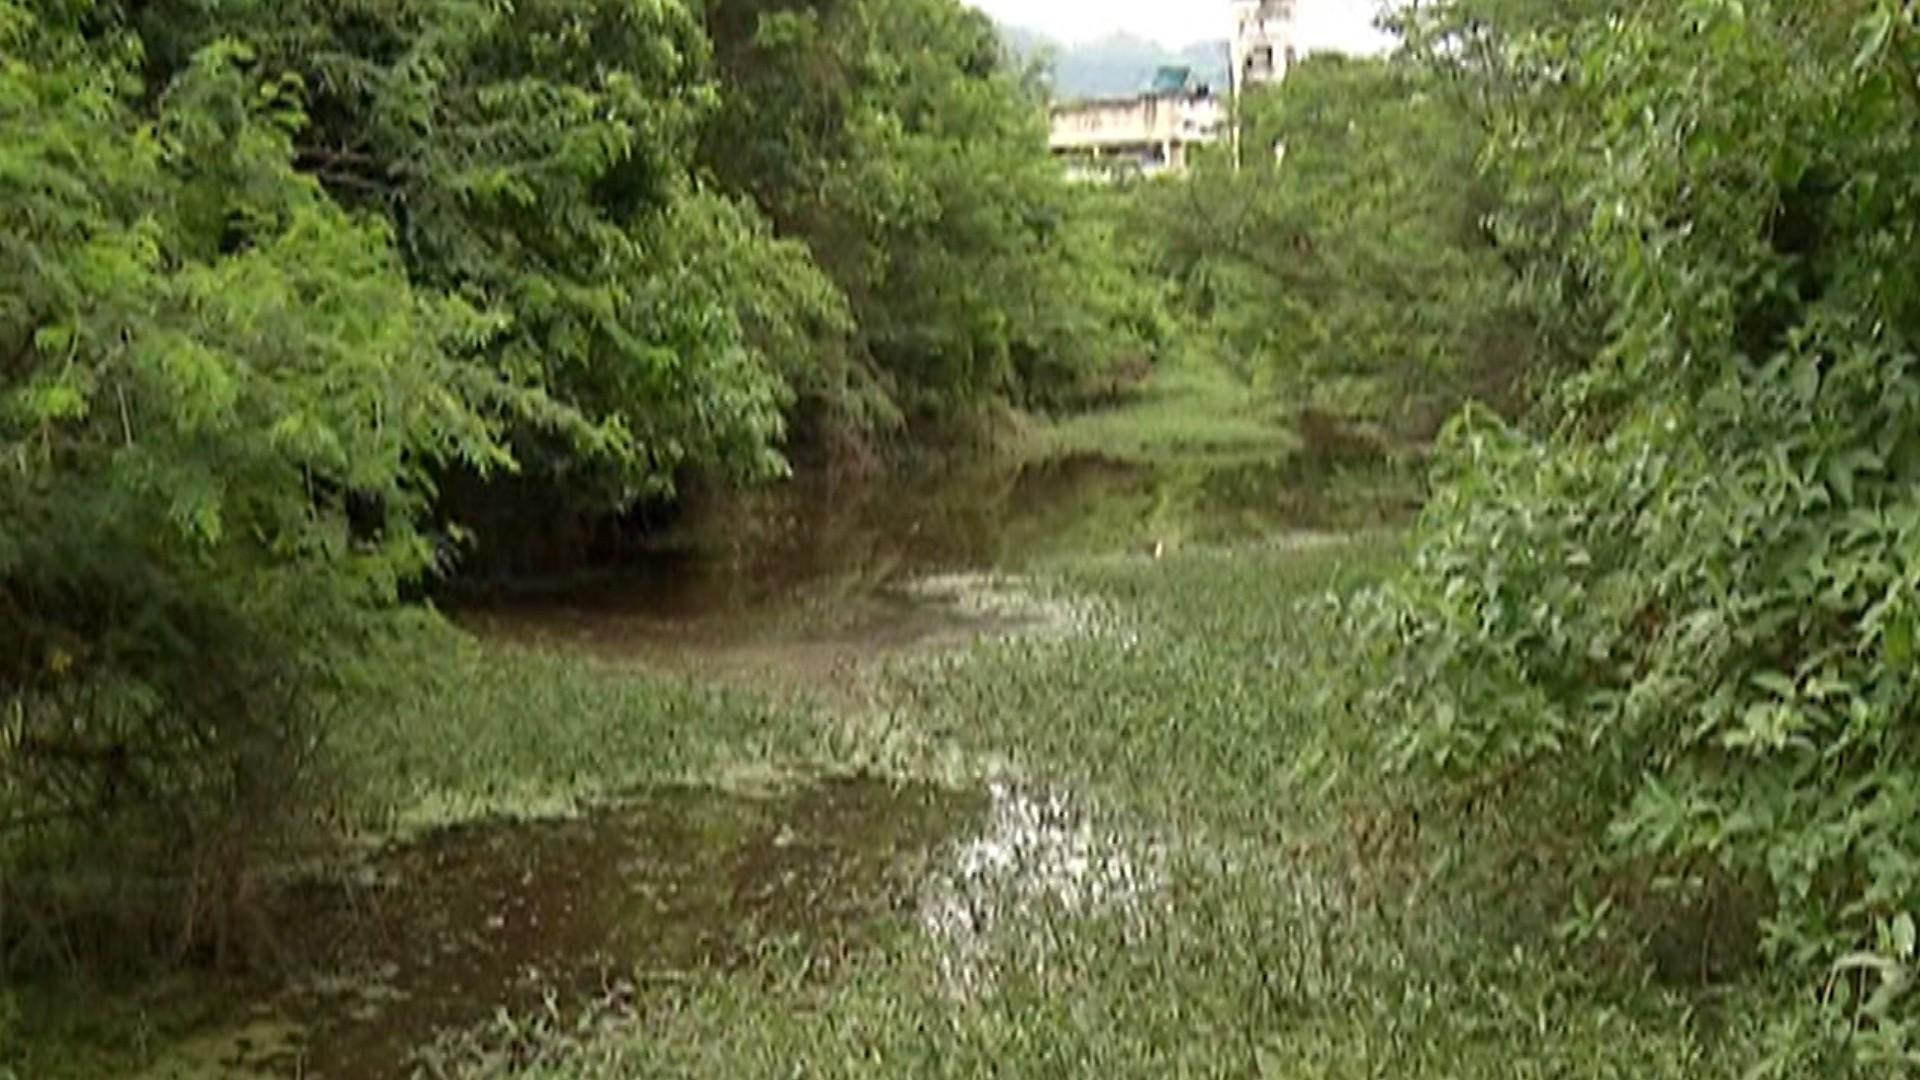 Estado anuncia desassoreamento dos rios Jundiaí e Tiete em Mogi